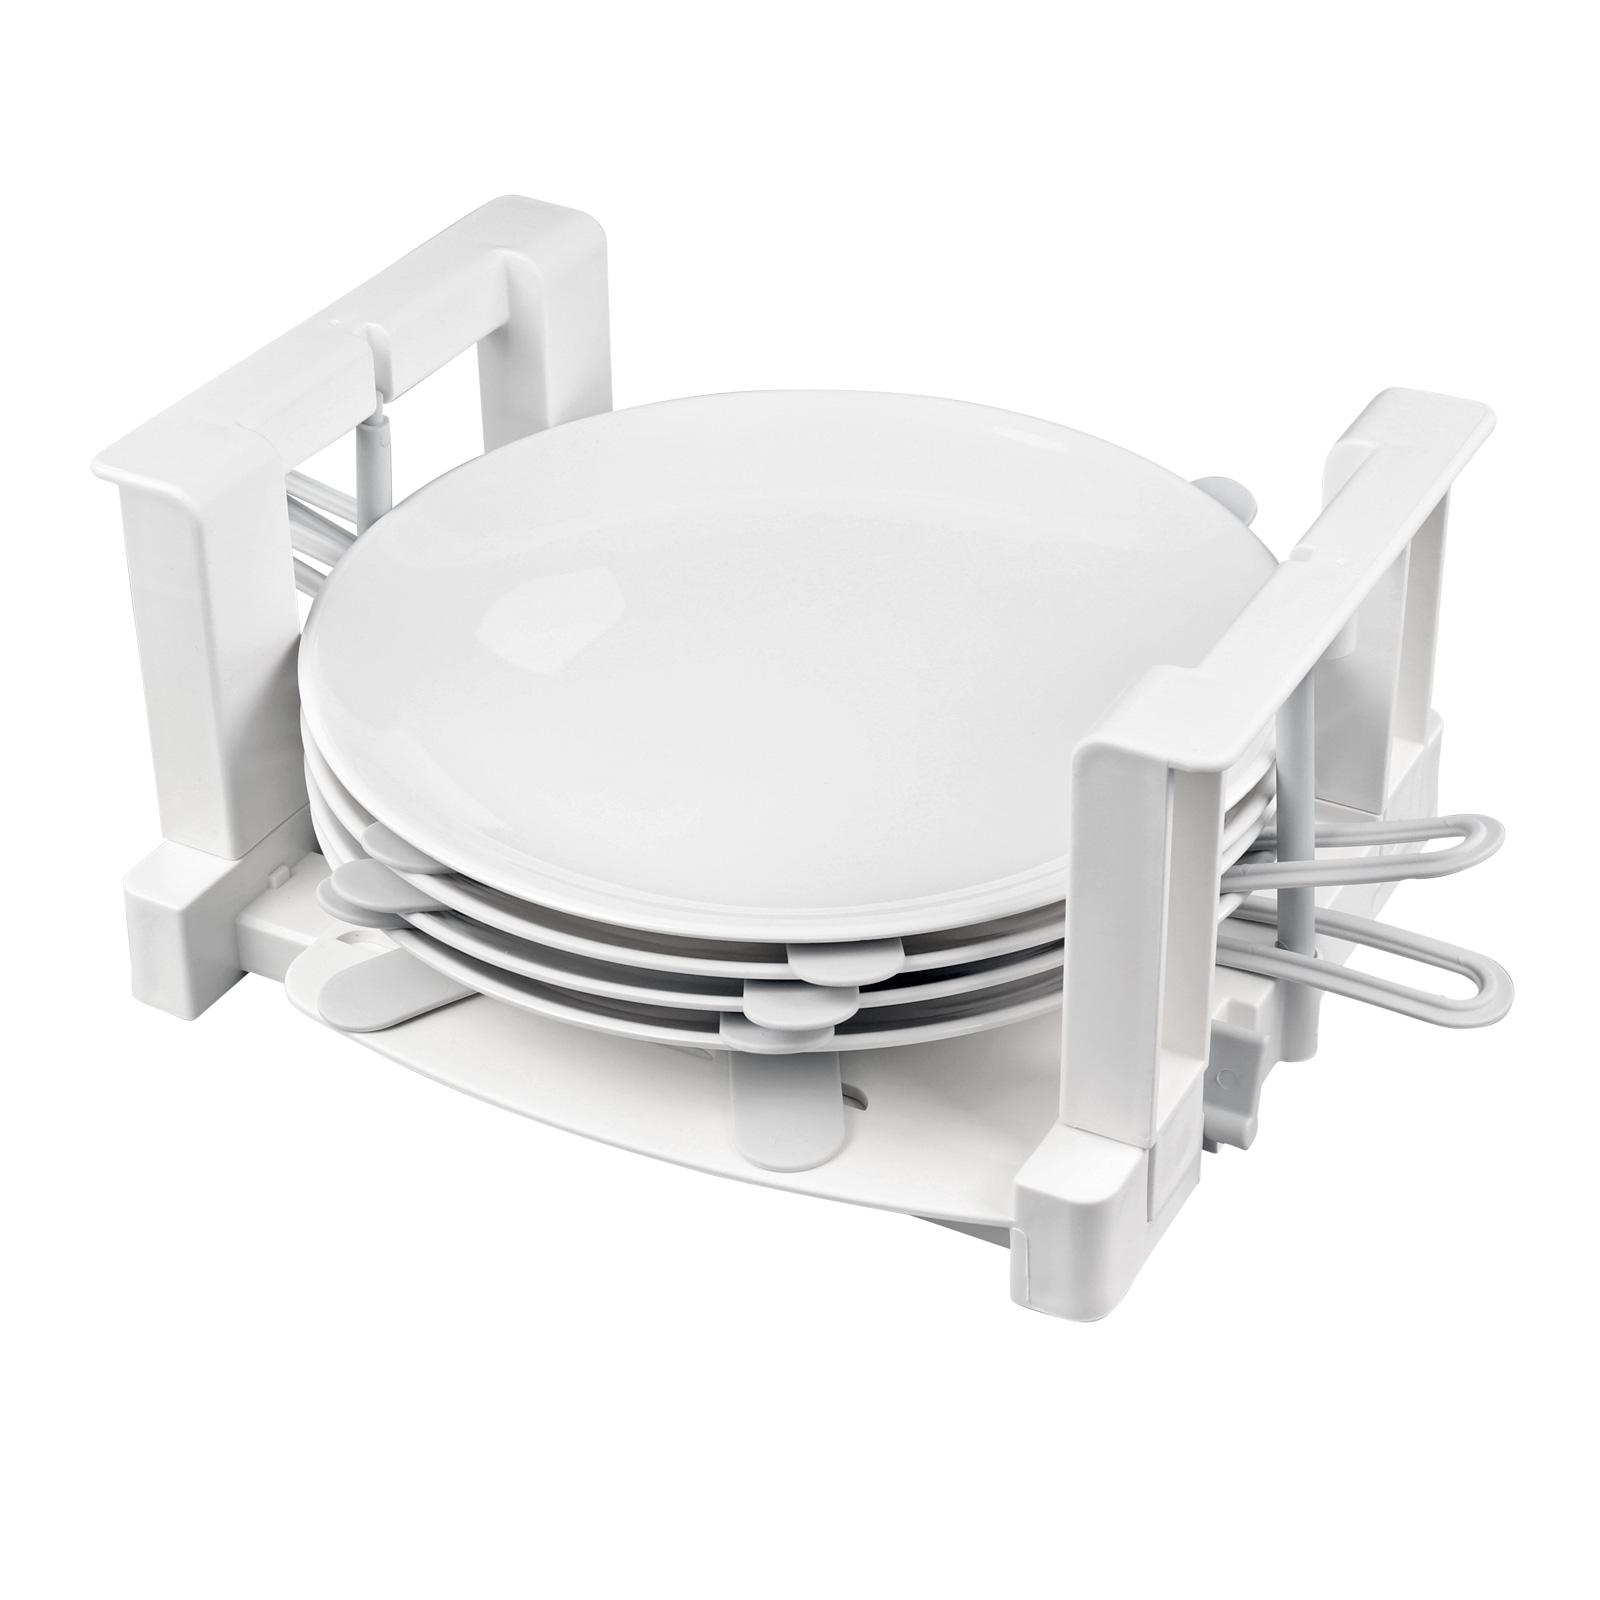 Froli Tellerhalter Wohnmobil, 6 Teller Geschirrhalter, Kunststoff